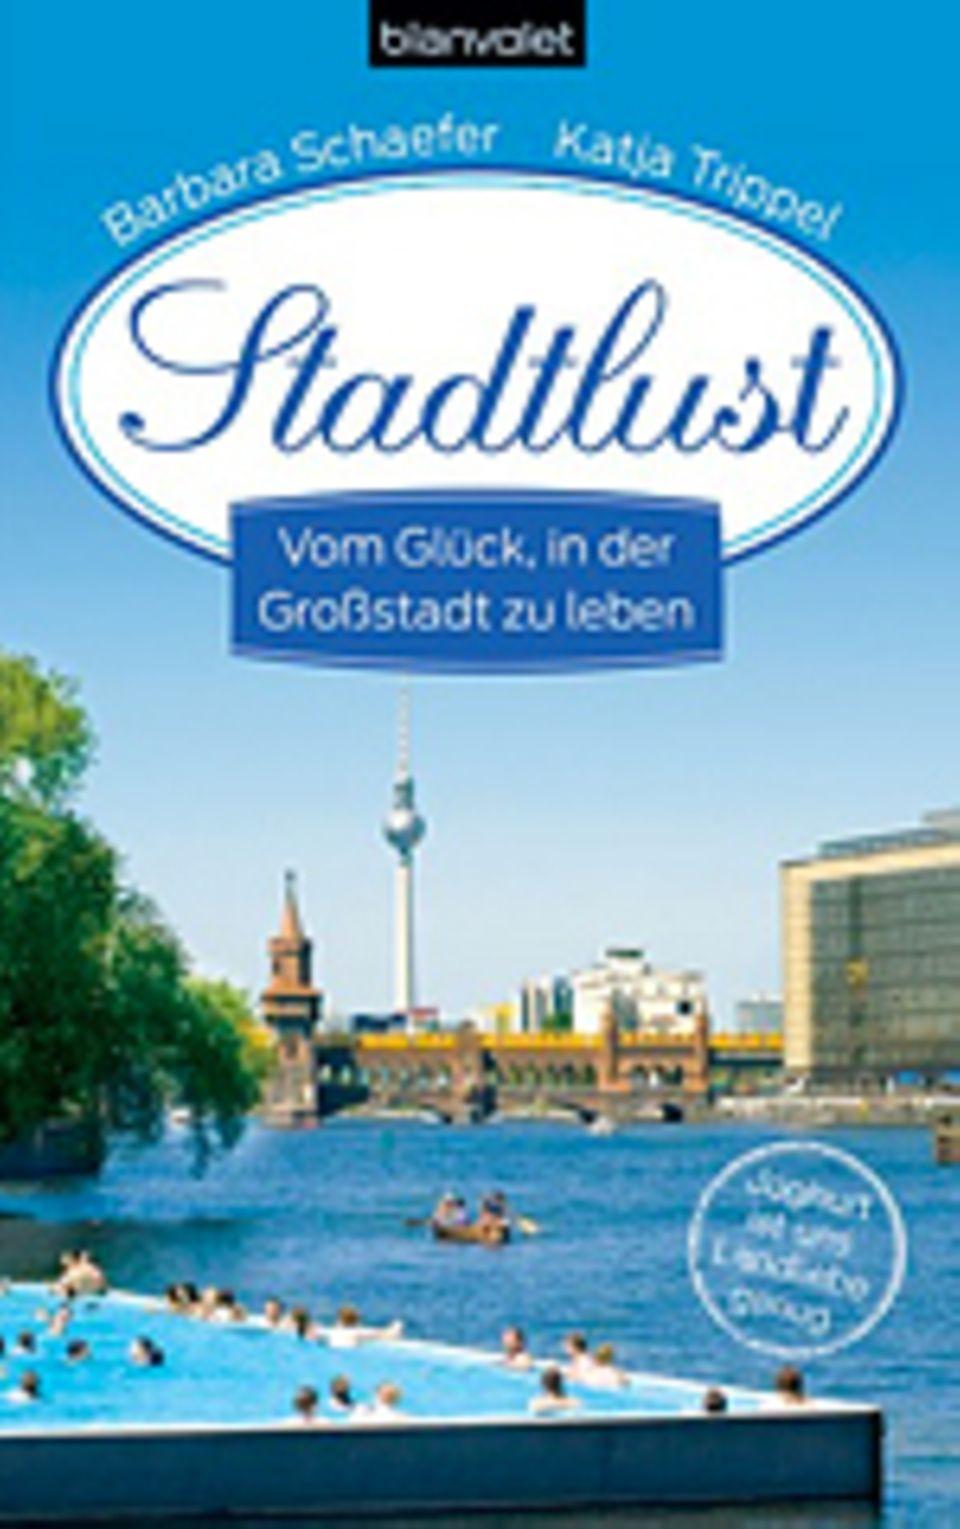 """Lebensstil: Im Juni 2013 ist von der Autorin Katja Trippel das Buch """"Stadtlust - vom Glück, in der Großstadt zu leben"""" erschienen (Blanvalet Verlag)"""